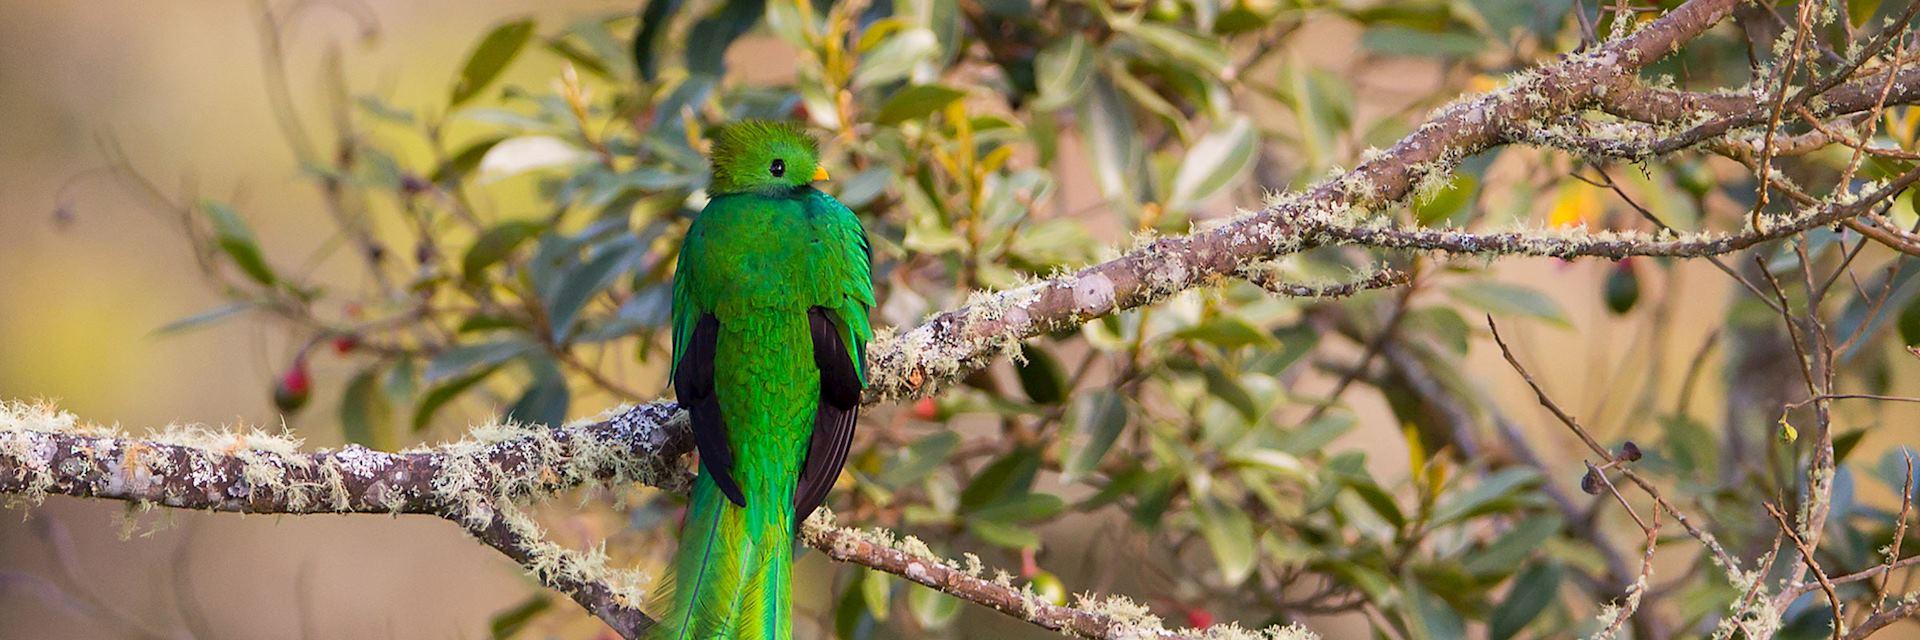 The Resplendent Quetzal in San Gerardo de Dota